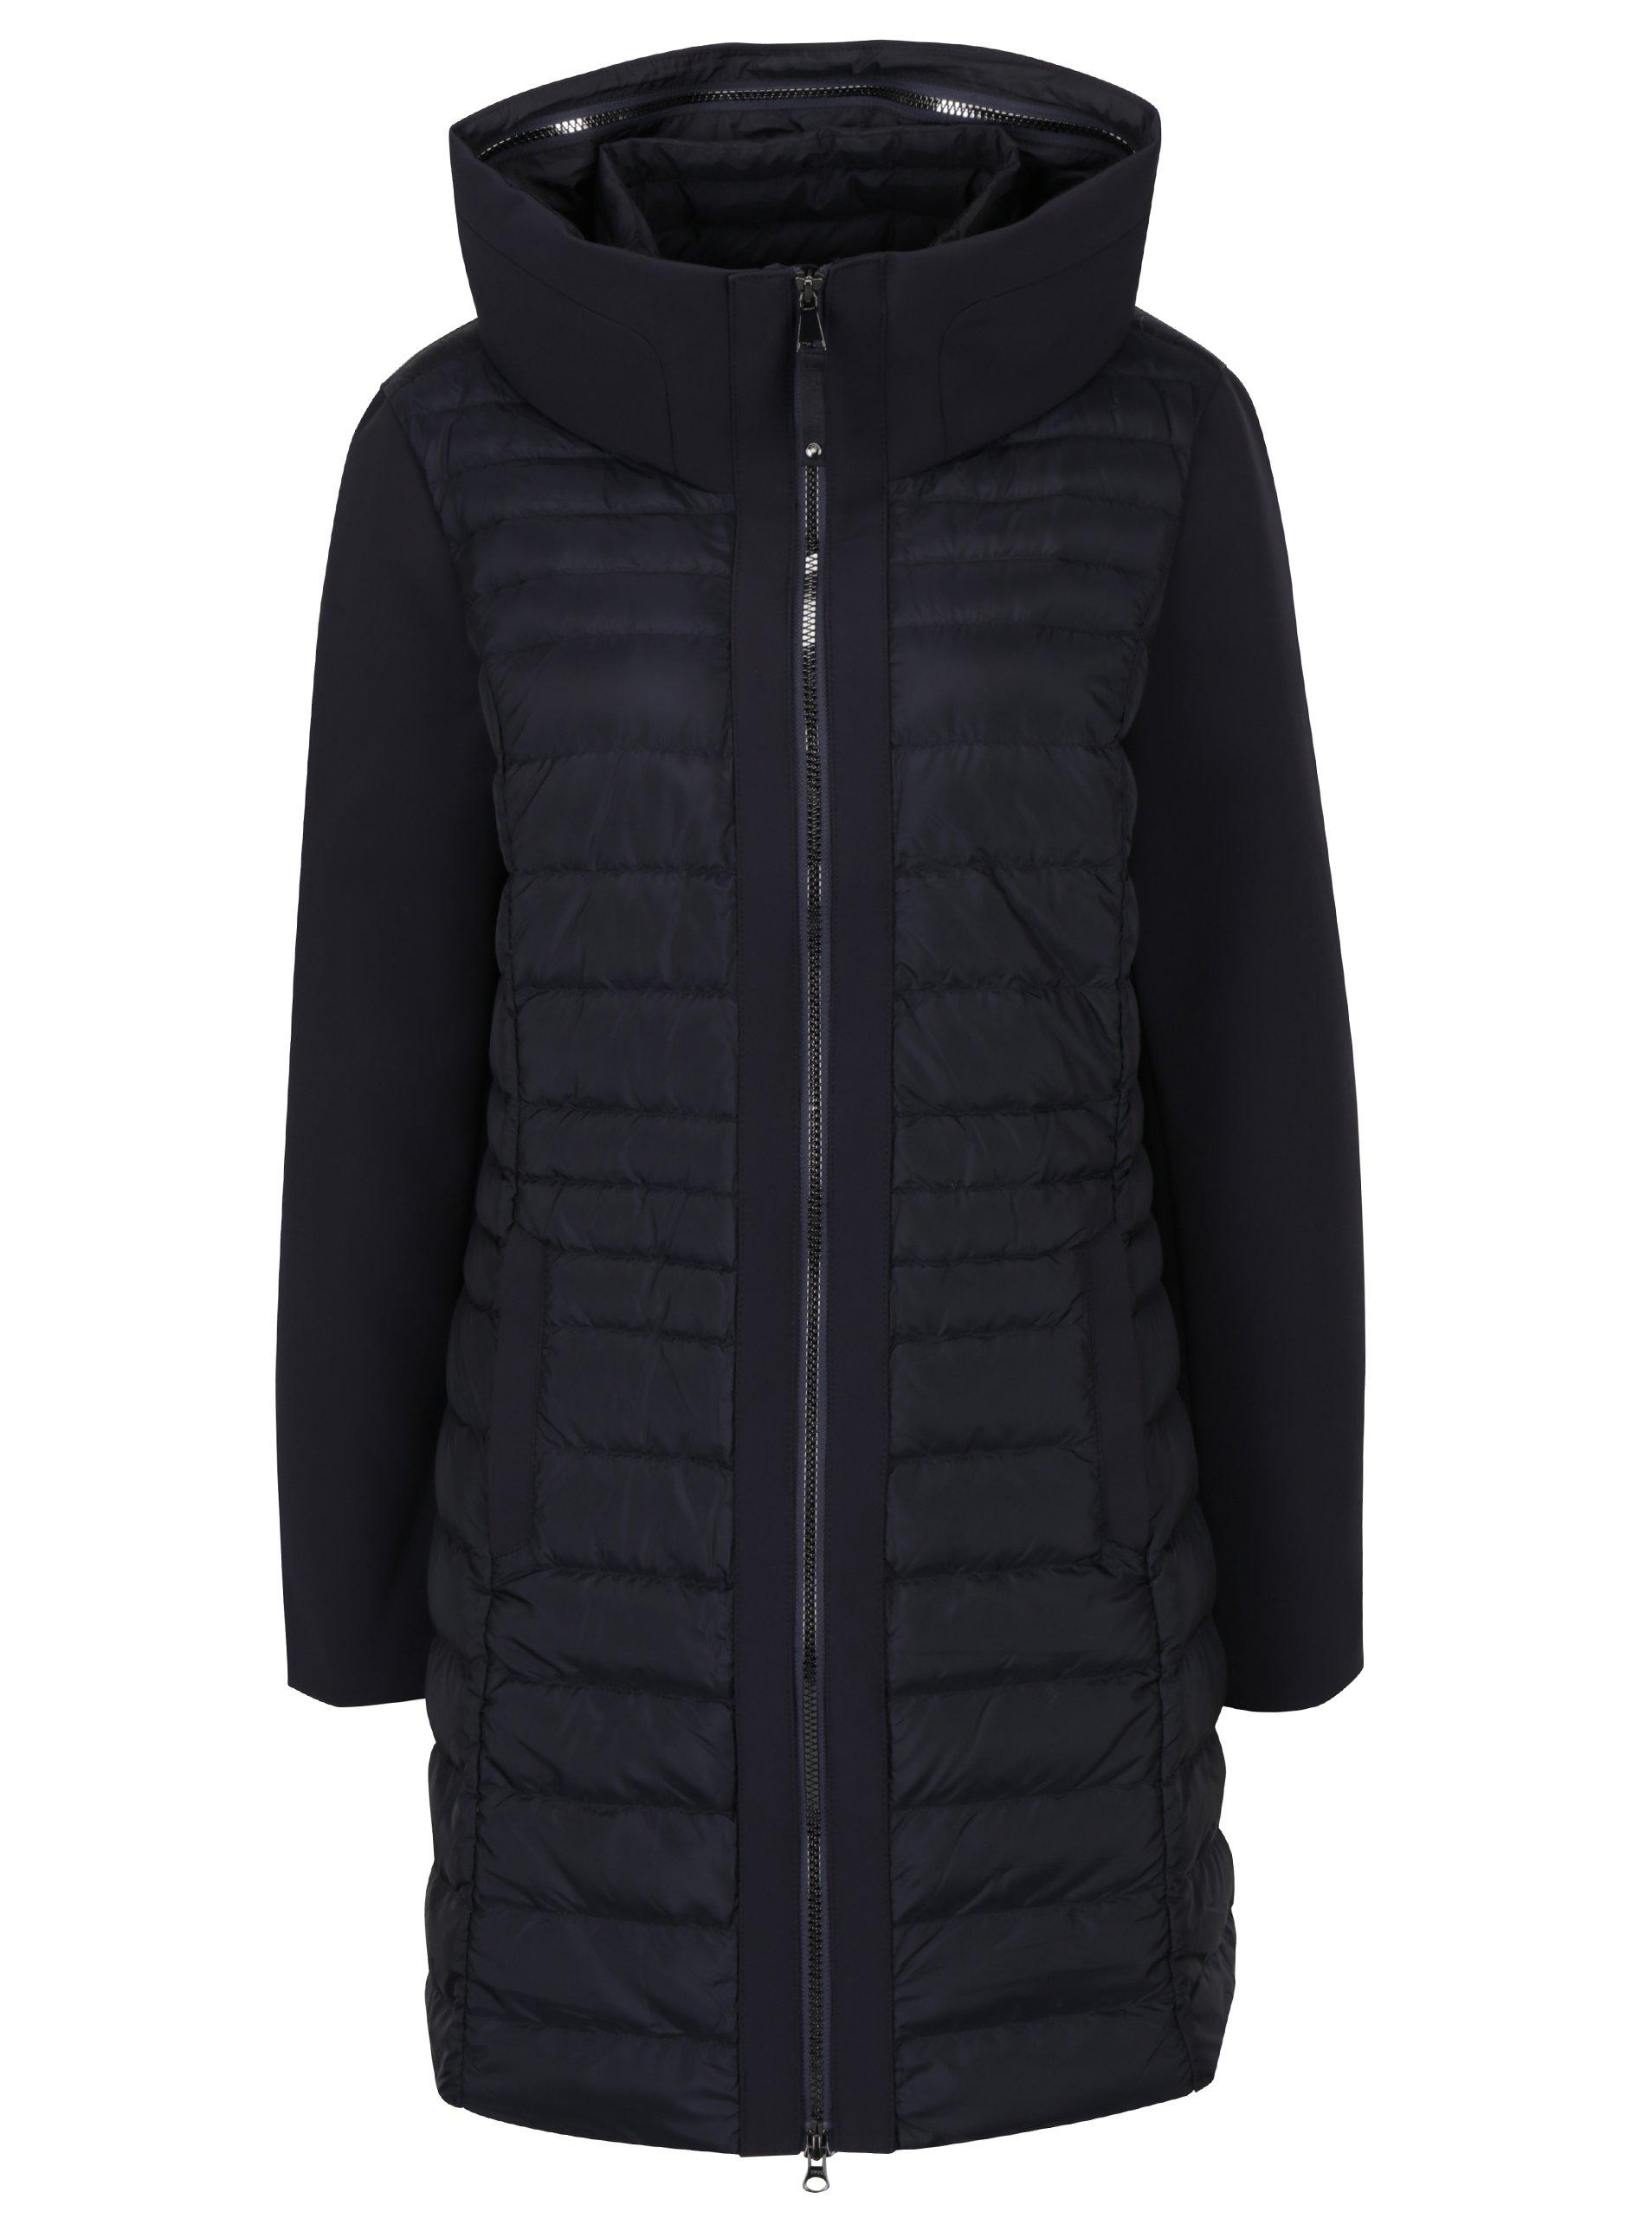 Tmavě modrý dámský prošívaný péřový kabát s kapucí s.Oliver